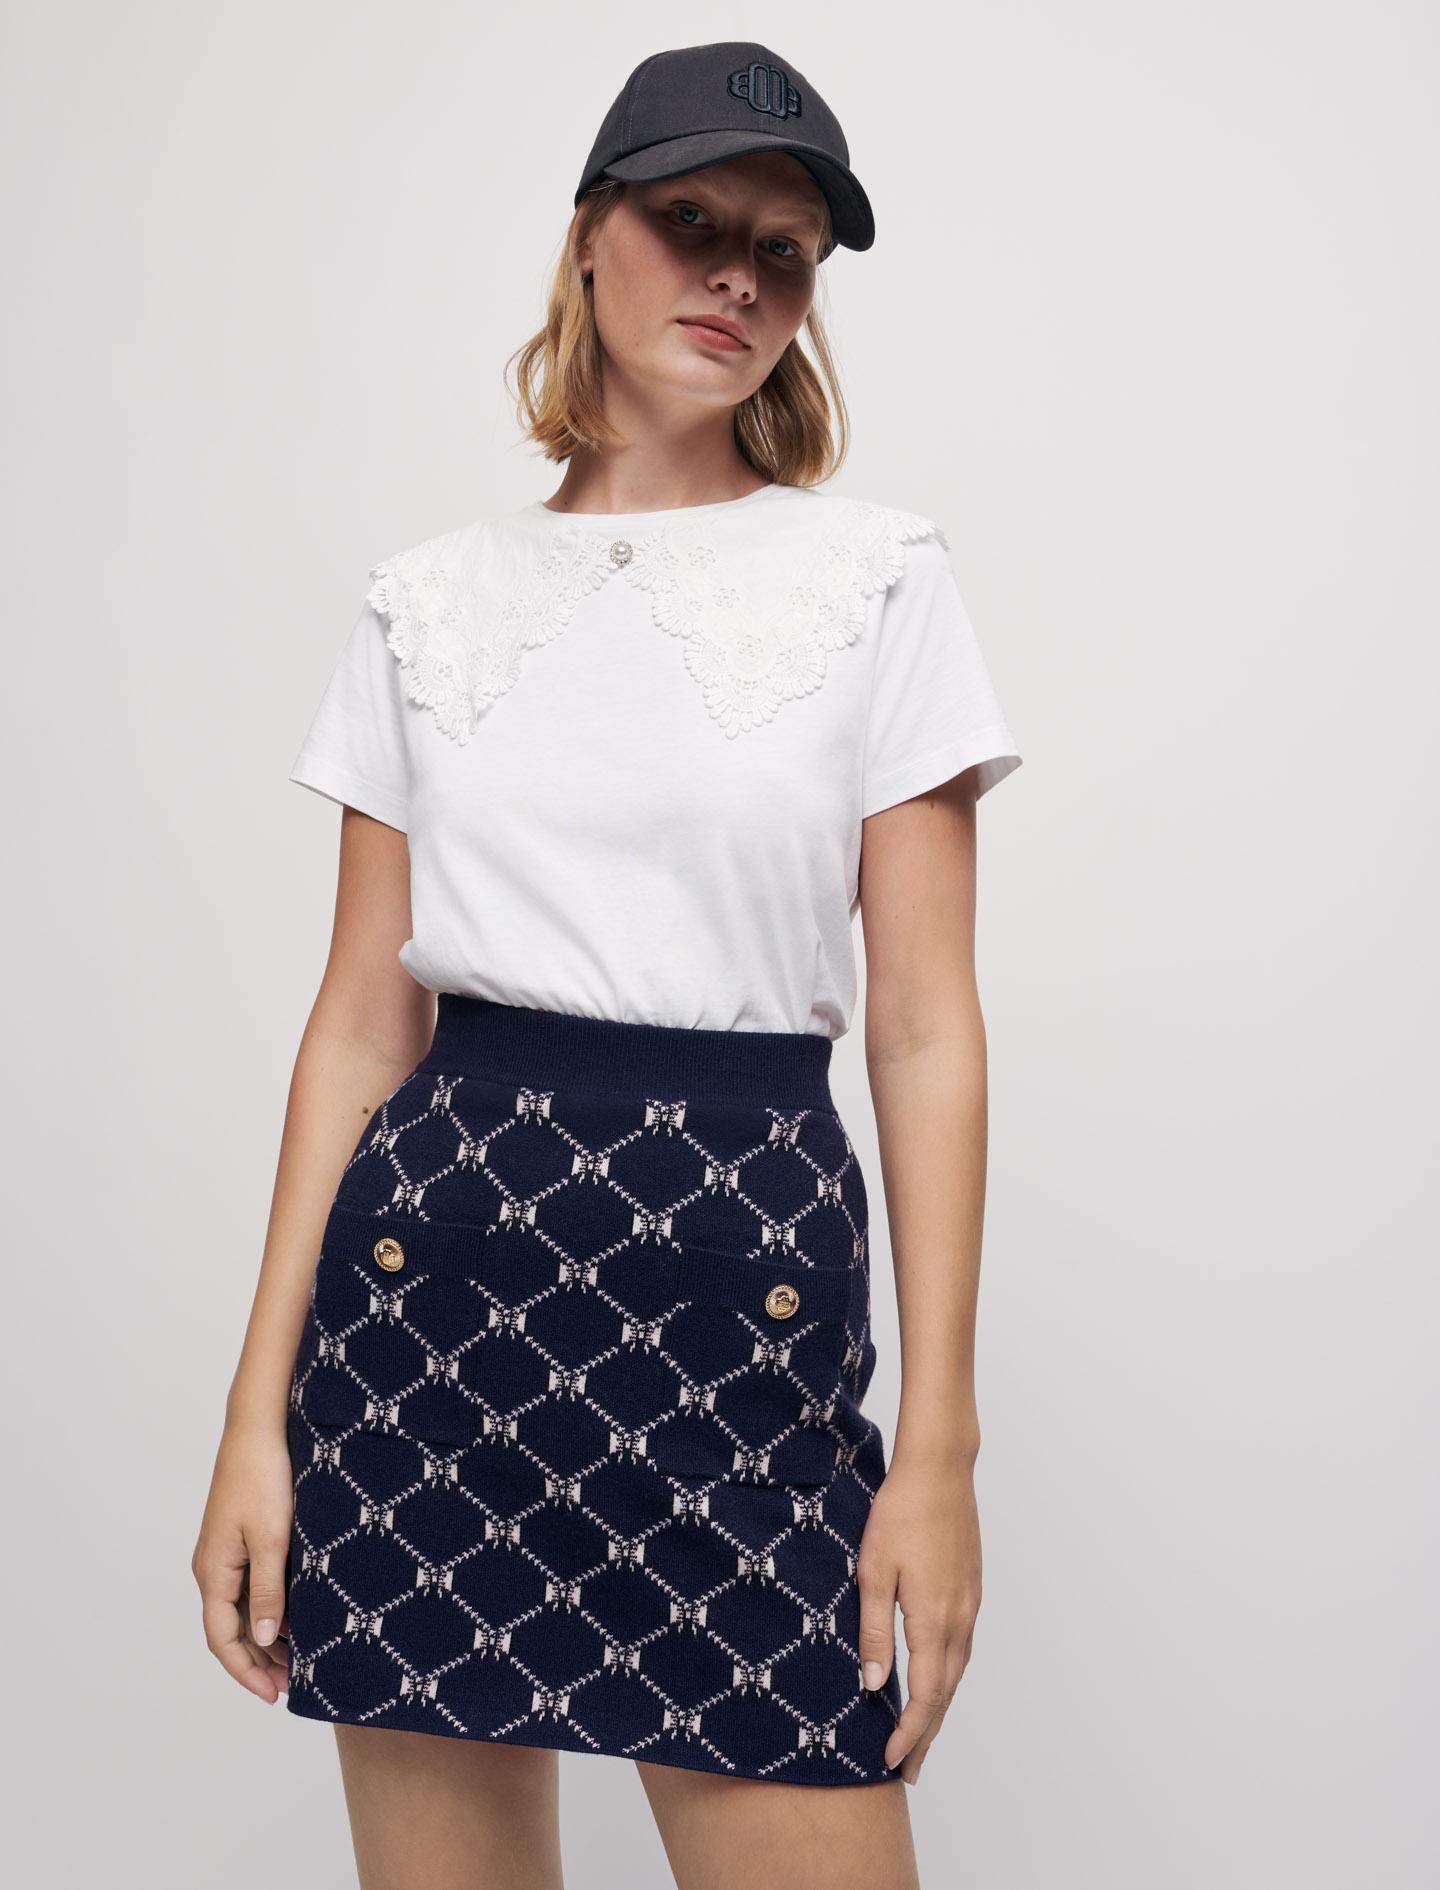 Bow print skirt - Navy